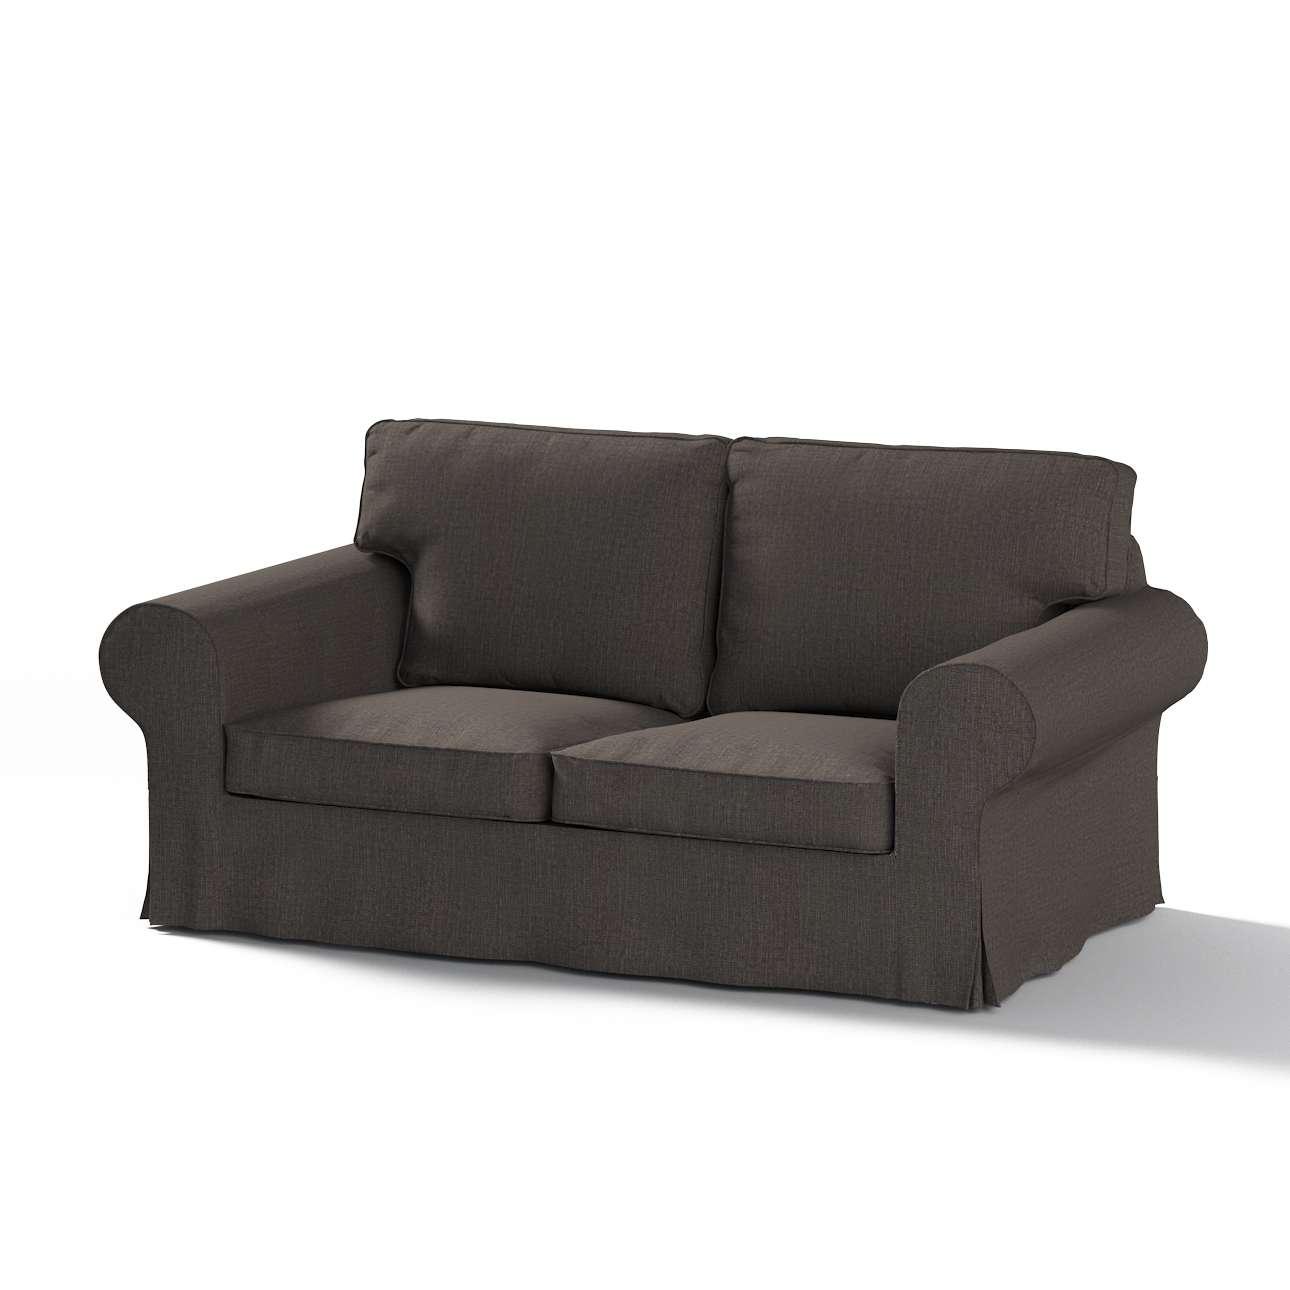 Pokrowiec na sofę Ektorp 2-osobową, rozkładaną STARY MODEL Sofa Ektorp 2-osobowa rozkładana w kolekcji Vintage, tkanina: 702-36